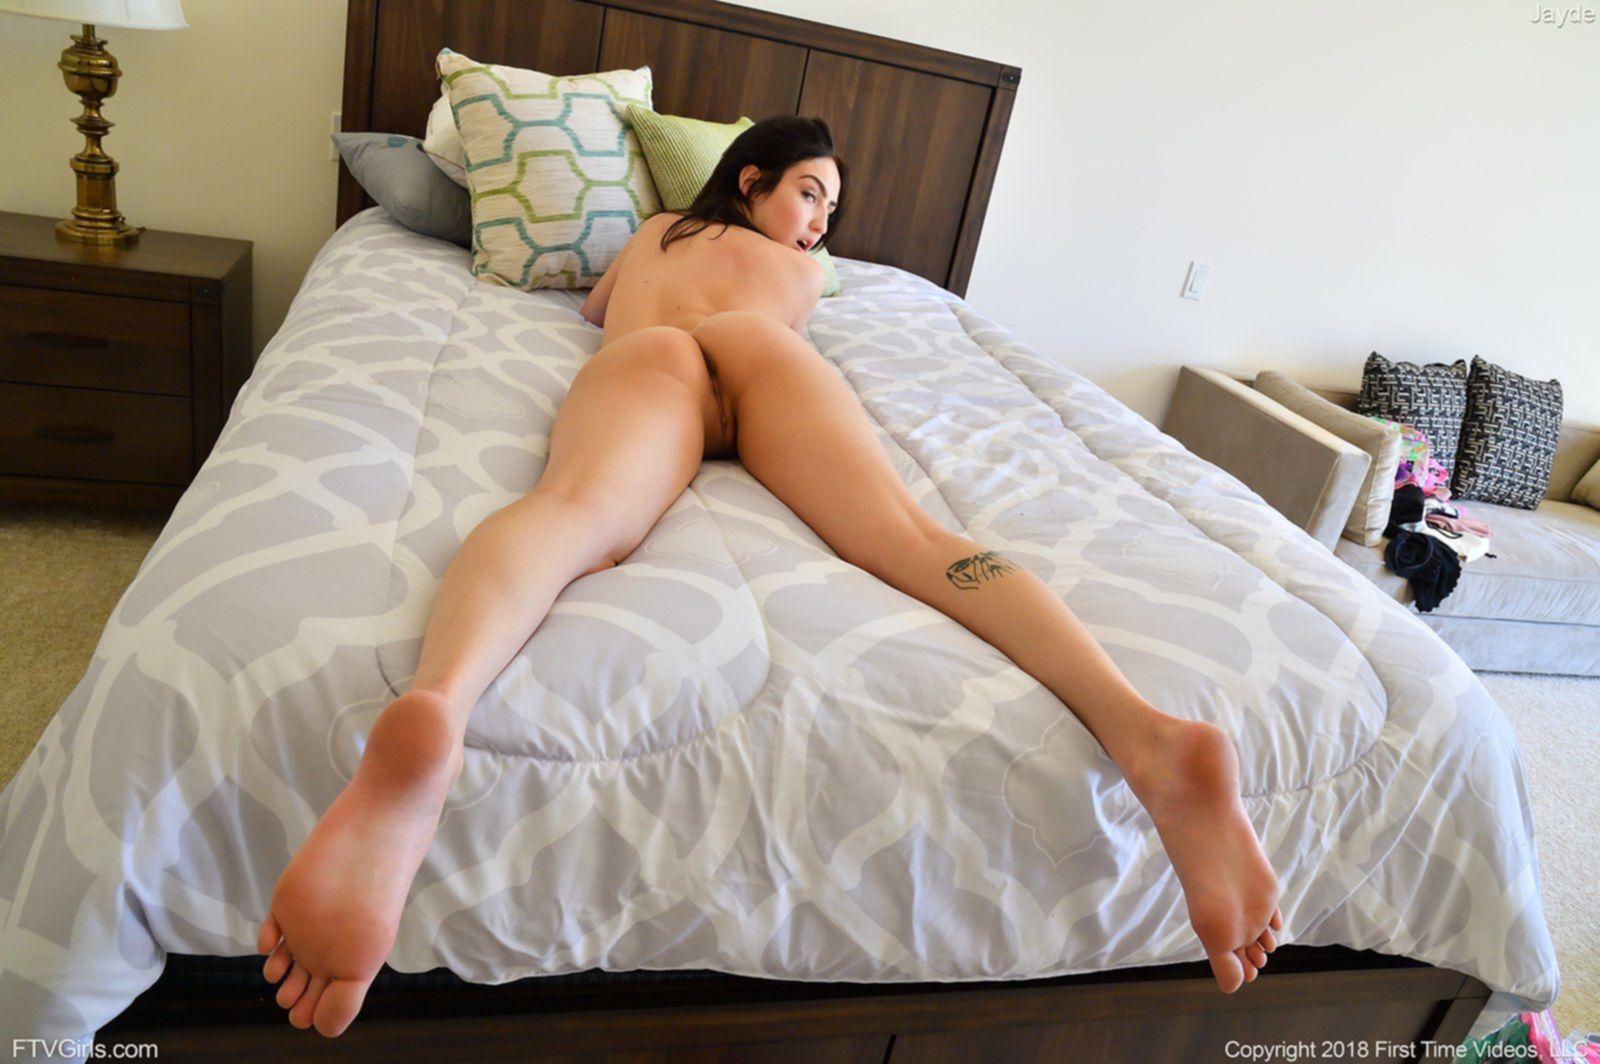 Развратная девица с гладко выбритыми дырками в постели - фото